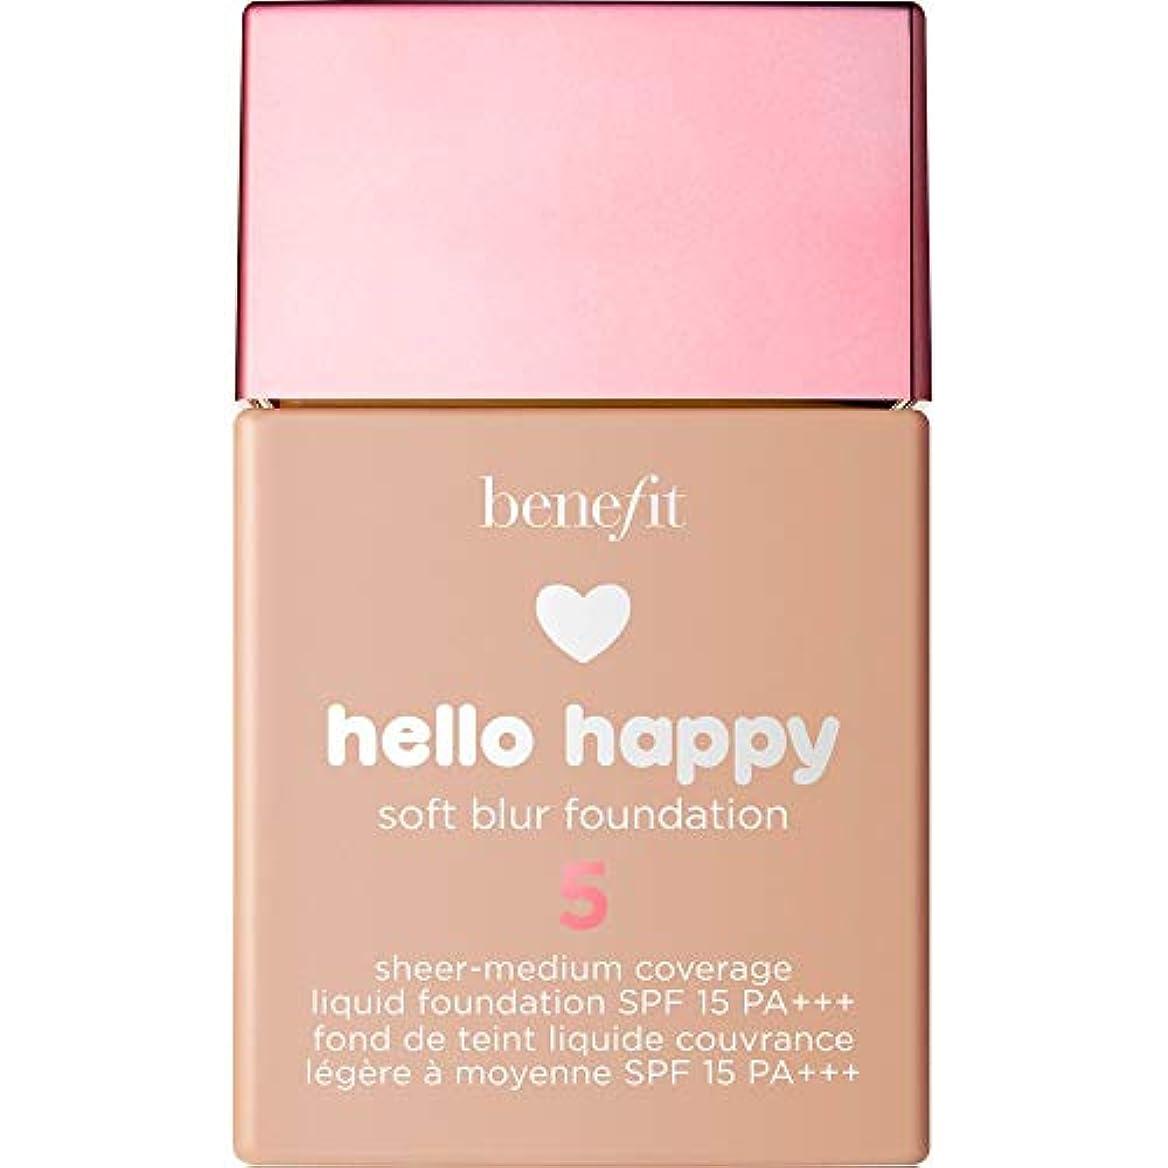 ハリウッド教養がある米ドル[Benefit] こんにちは幸せなソフトブラー基礎Spf15 30ミリリットル5に利益をもたらす - メディアクールに - Benefit Hello Happy Soft Blur Foundation SPF15...